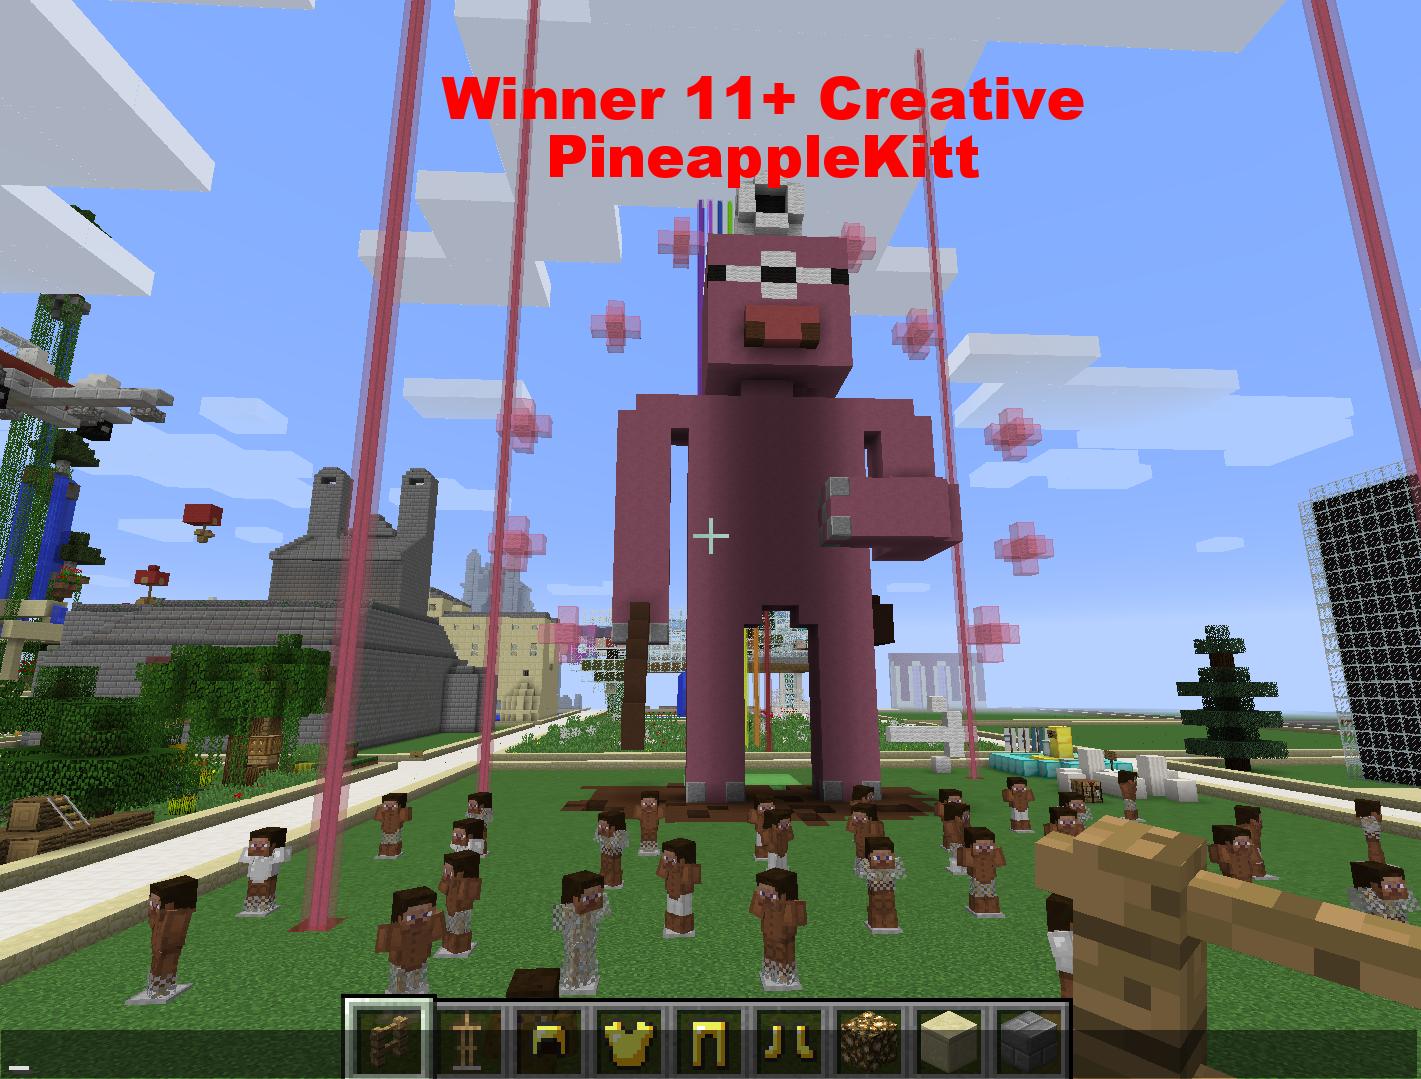 Winner 11+ Creative - PineappleKitt